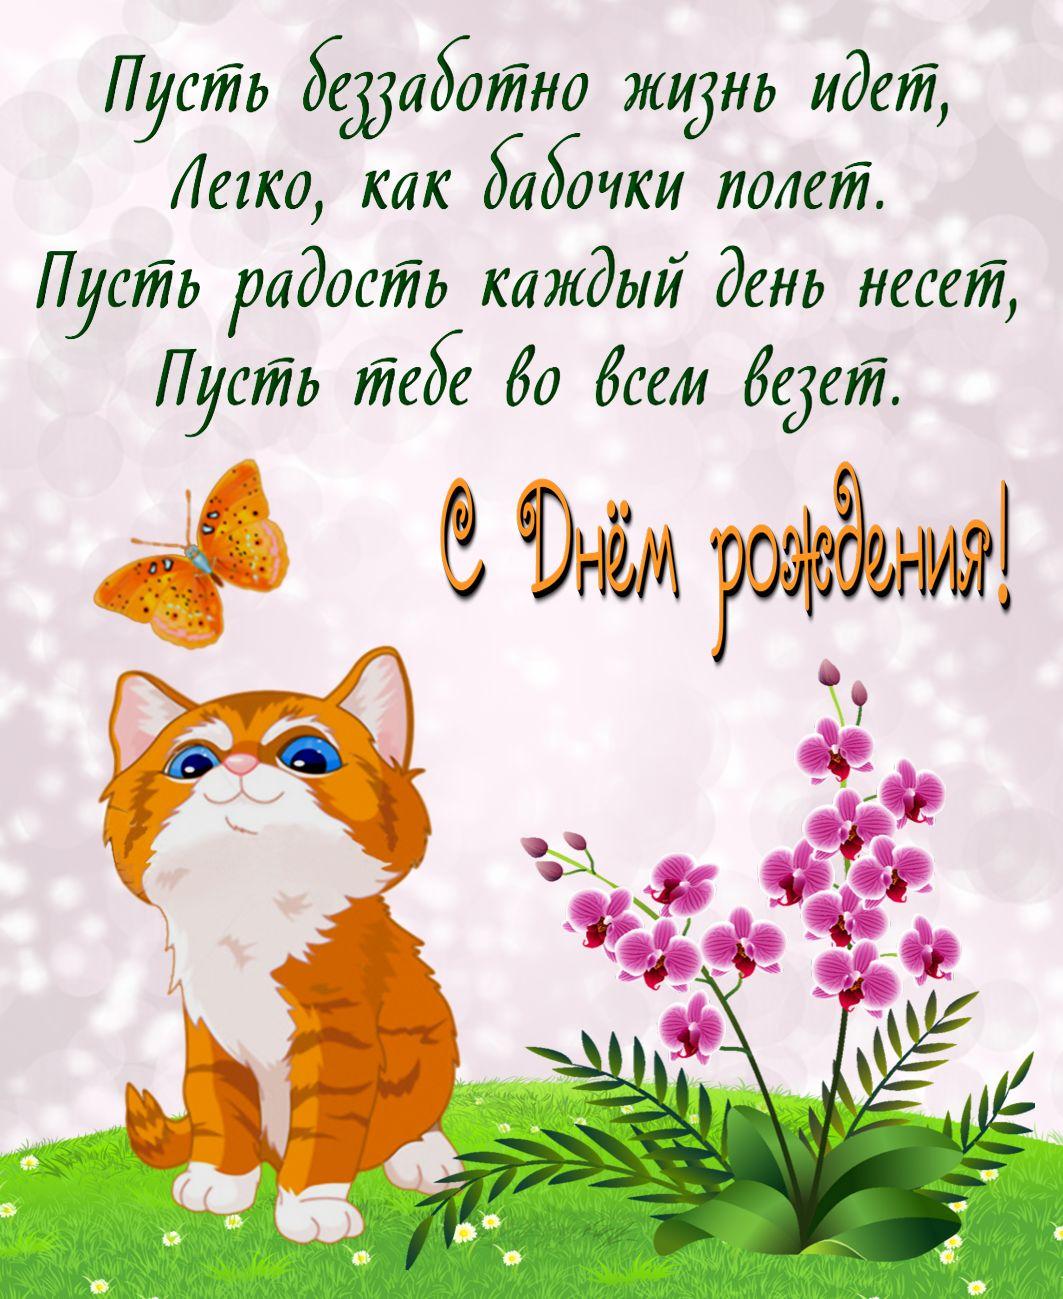 Рыжий котенок поздравляет с Днем рождения